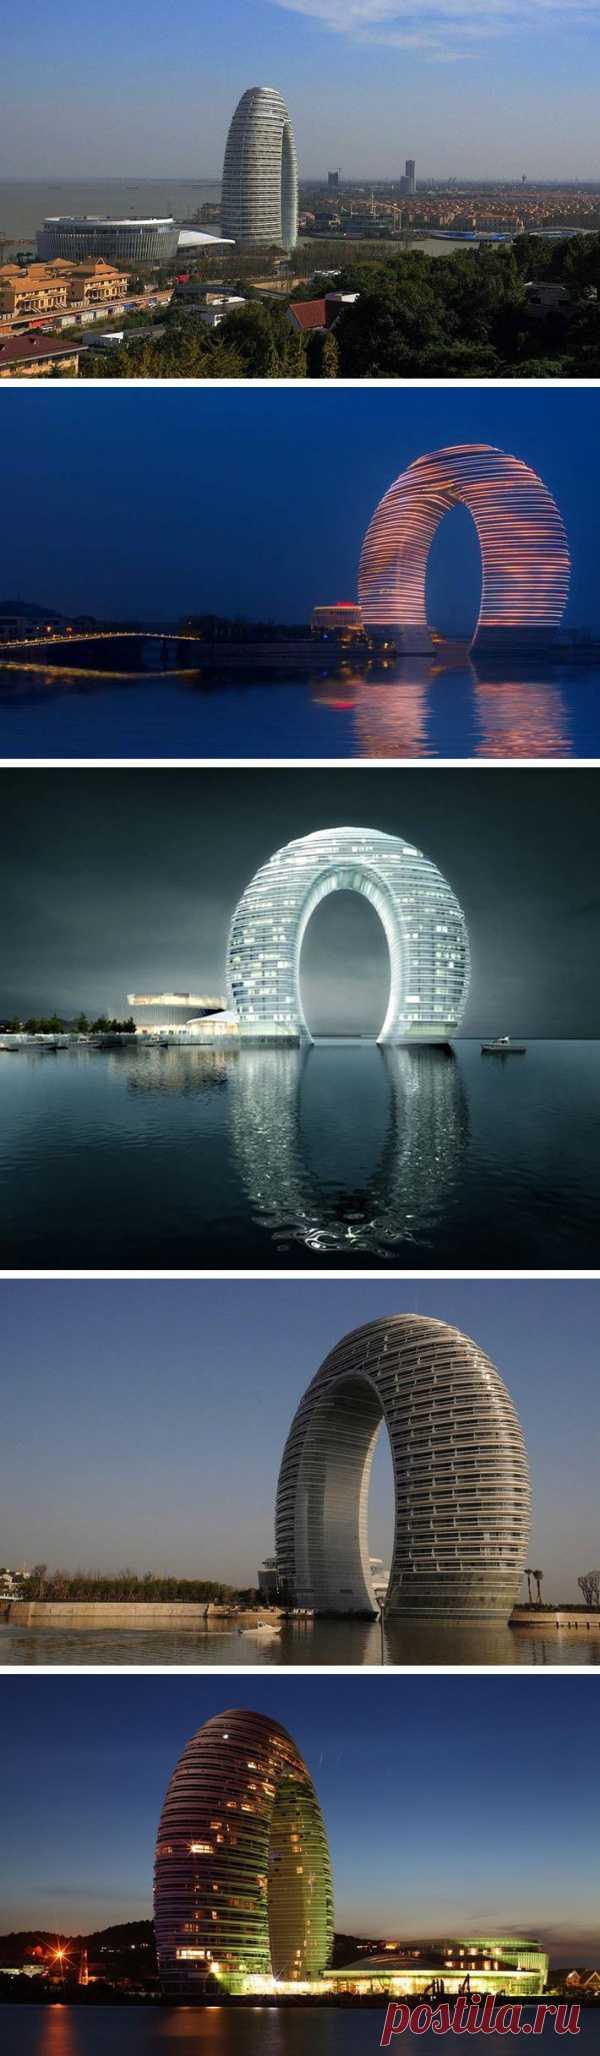 Удевительный отель-подкову построили в Китае